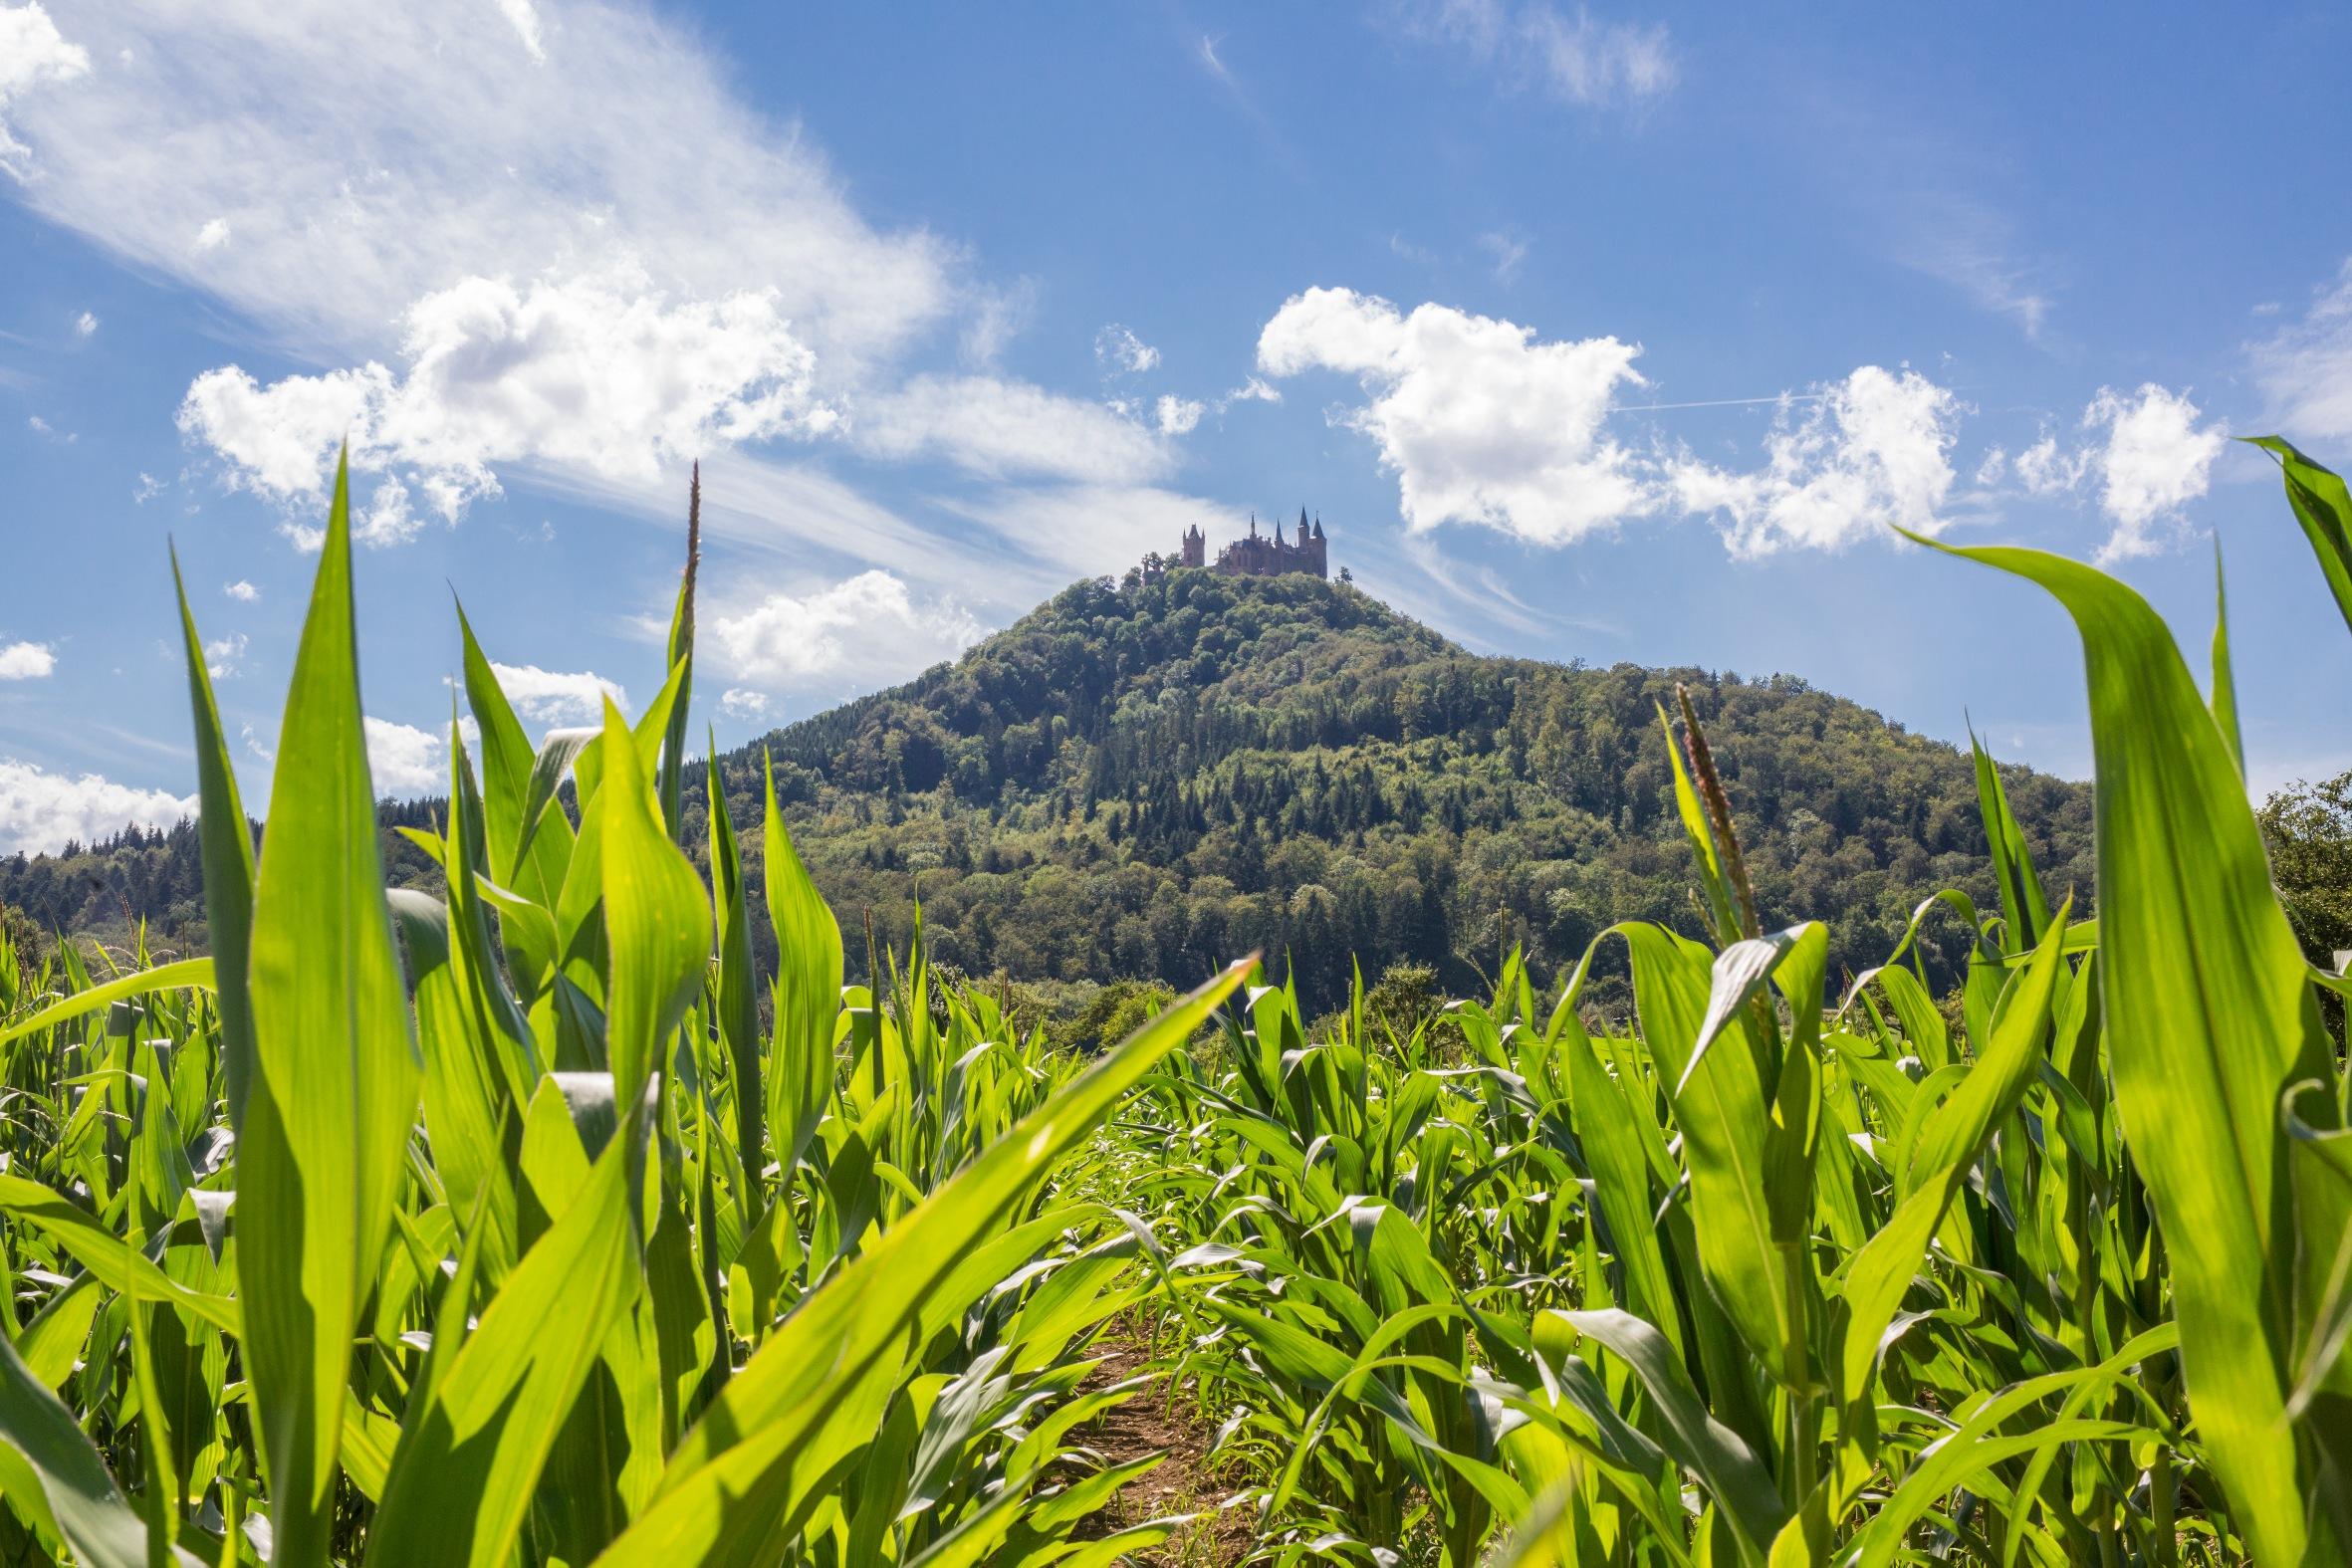 Hechingen-Boll Blick auf die Burg Hohenzollern